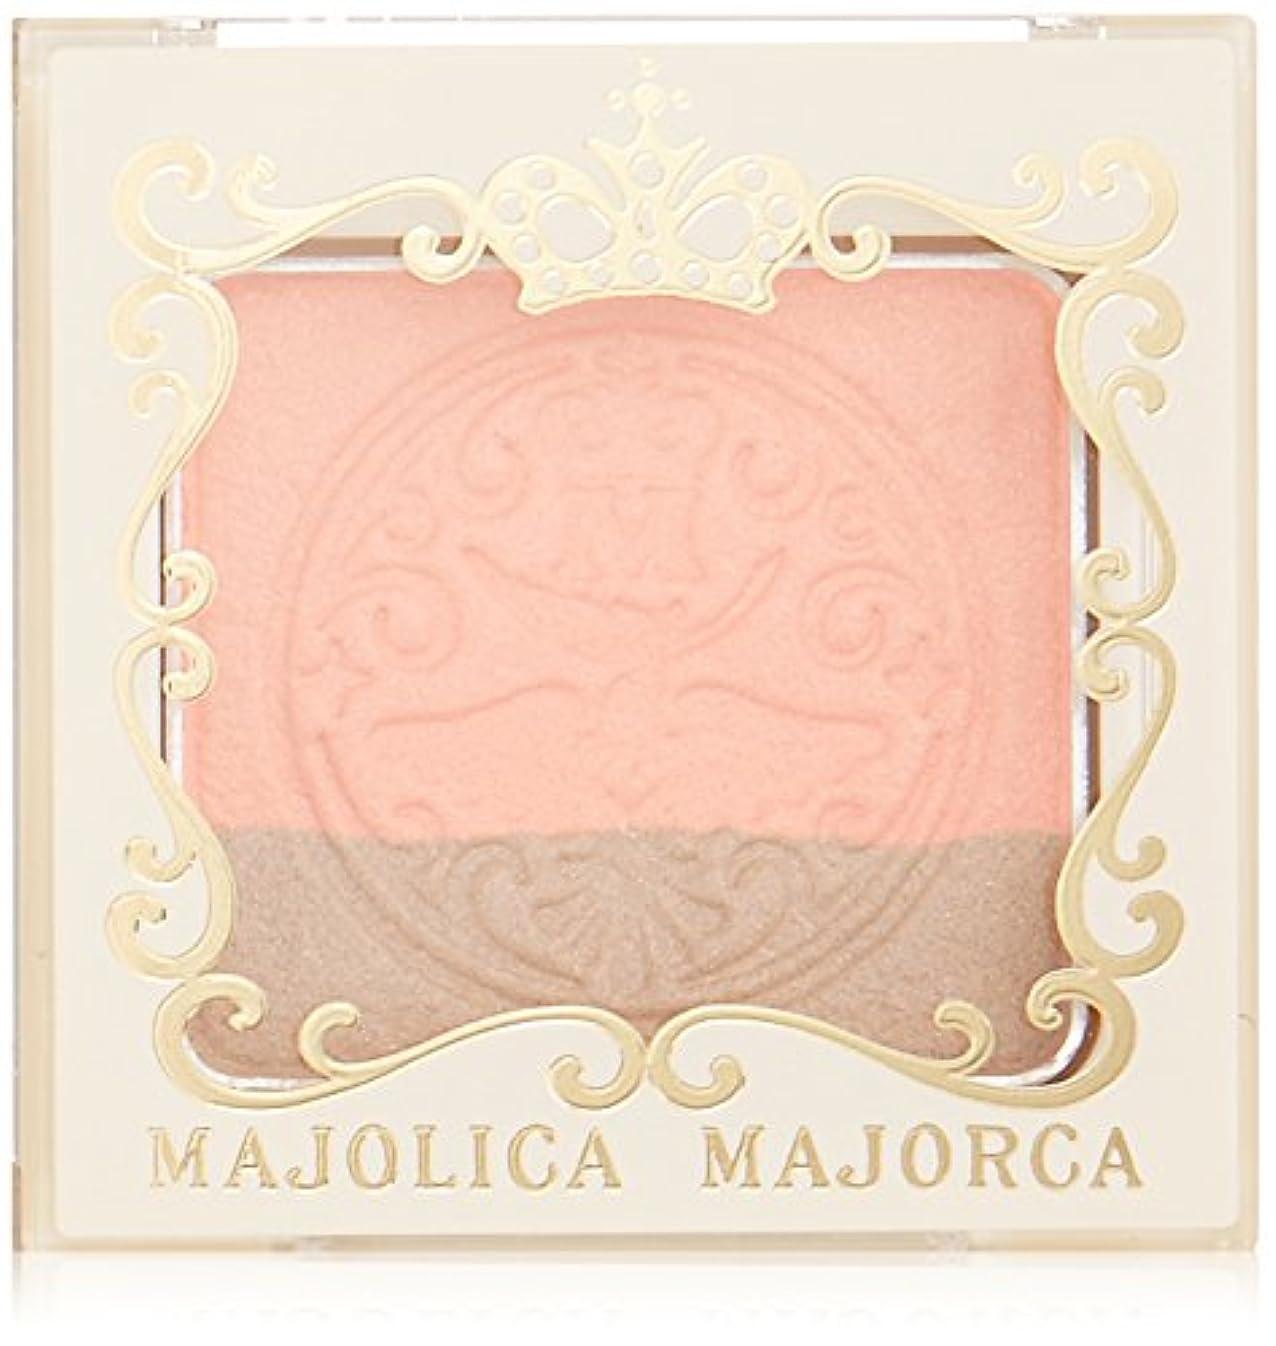 ルーフジョブオデュッセウスマジョリカ マジョルカ オープンユアアイズ OR401 最短距離 (アイシャドウ) 2g